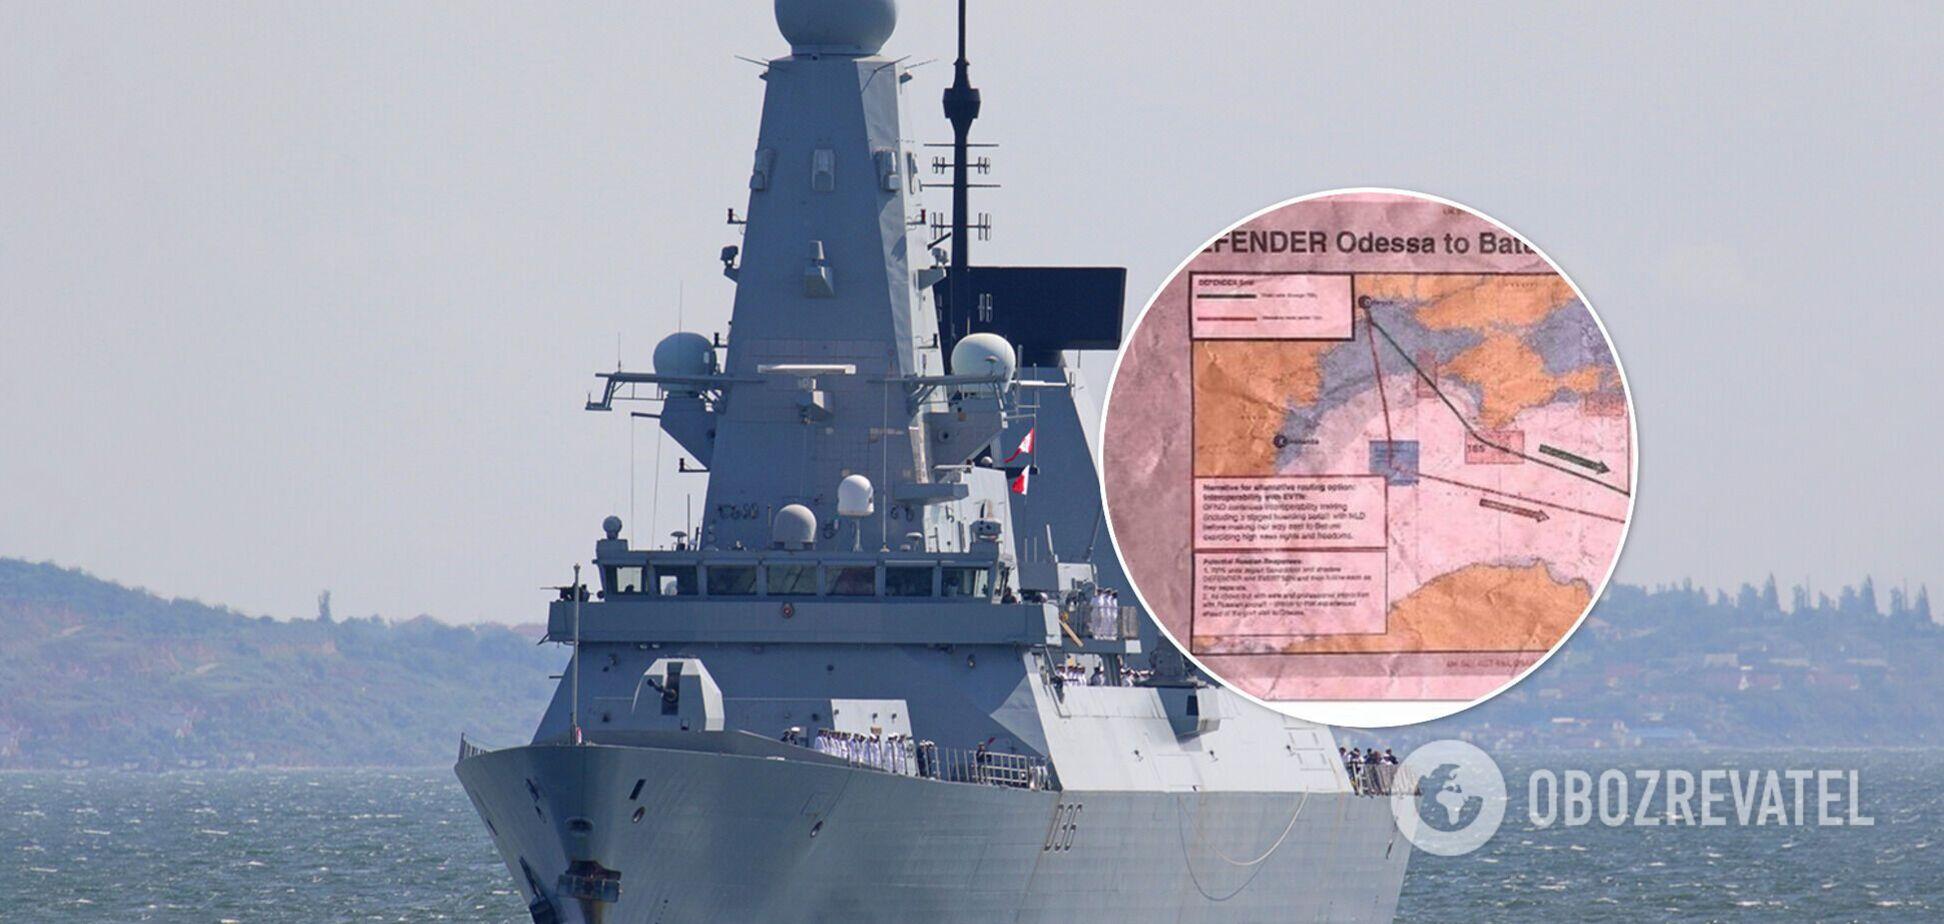 Чиновником, забывшим на остановке секретные документы по проходу Defender, был кандидат в послы Великобритании в НАТО – СМИ